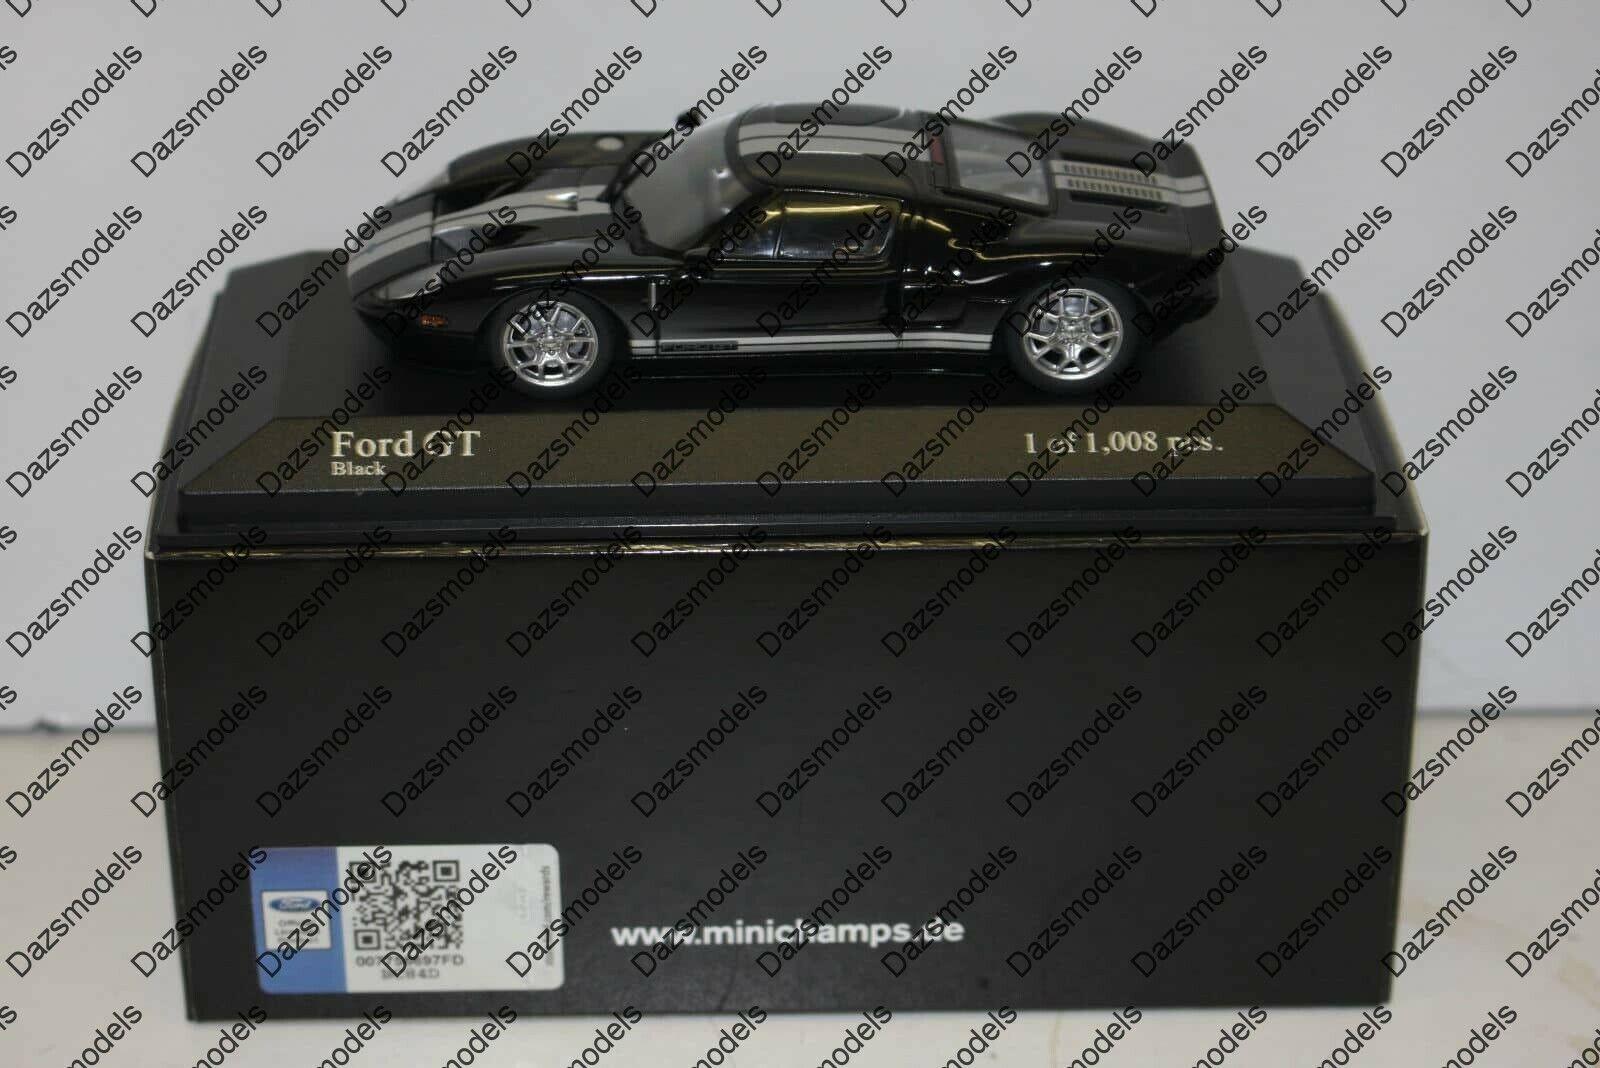 Minichamps ford gt 2006 noir échelle 1 43 diecast 400 084204